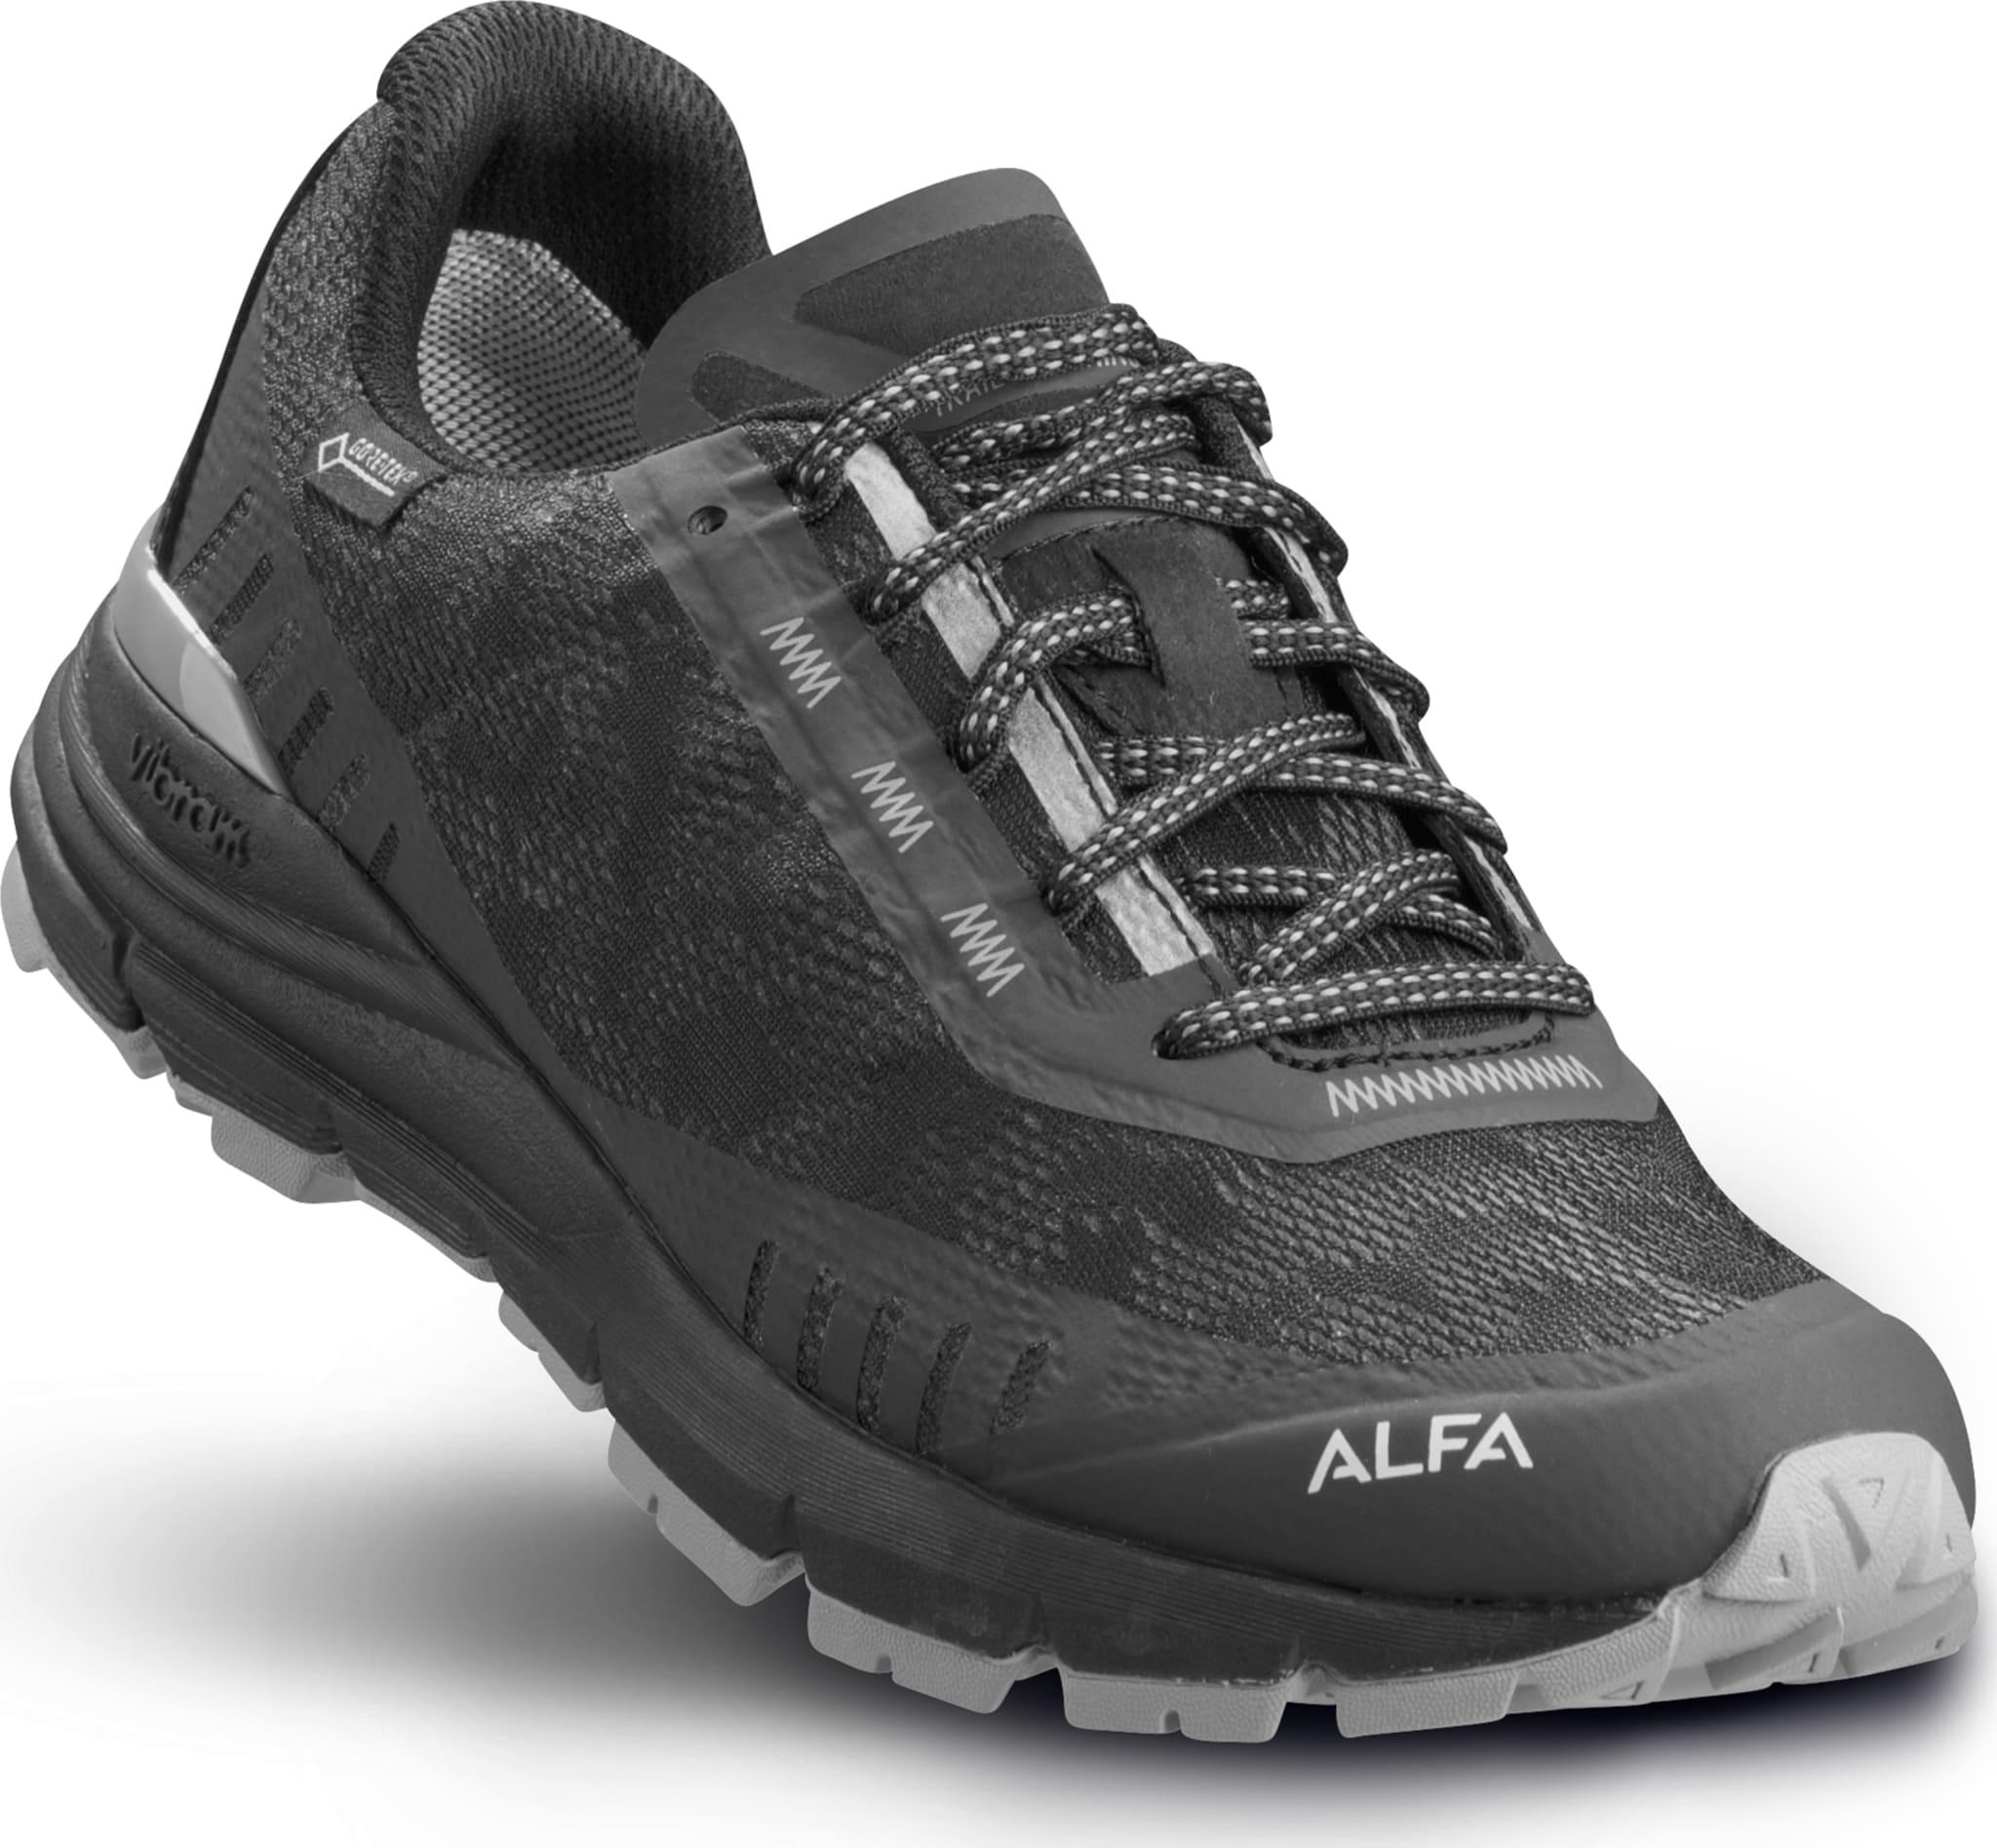 Trail sko til alle som liker turer i skog og mark med både høy og lav puls